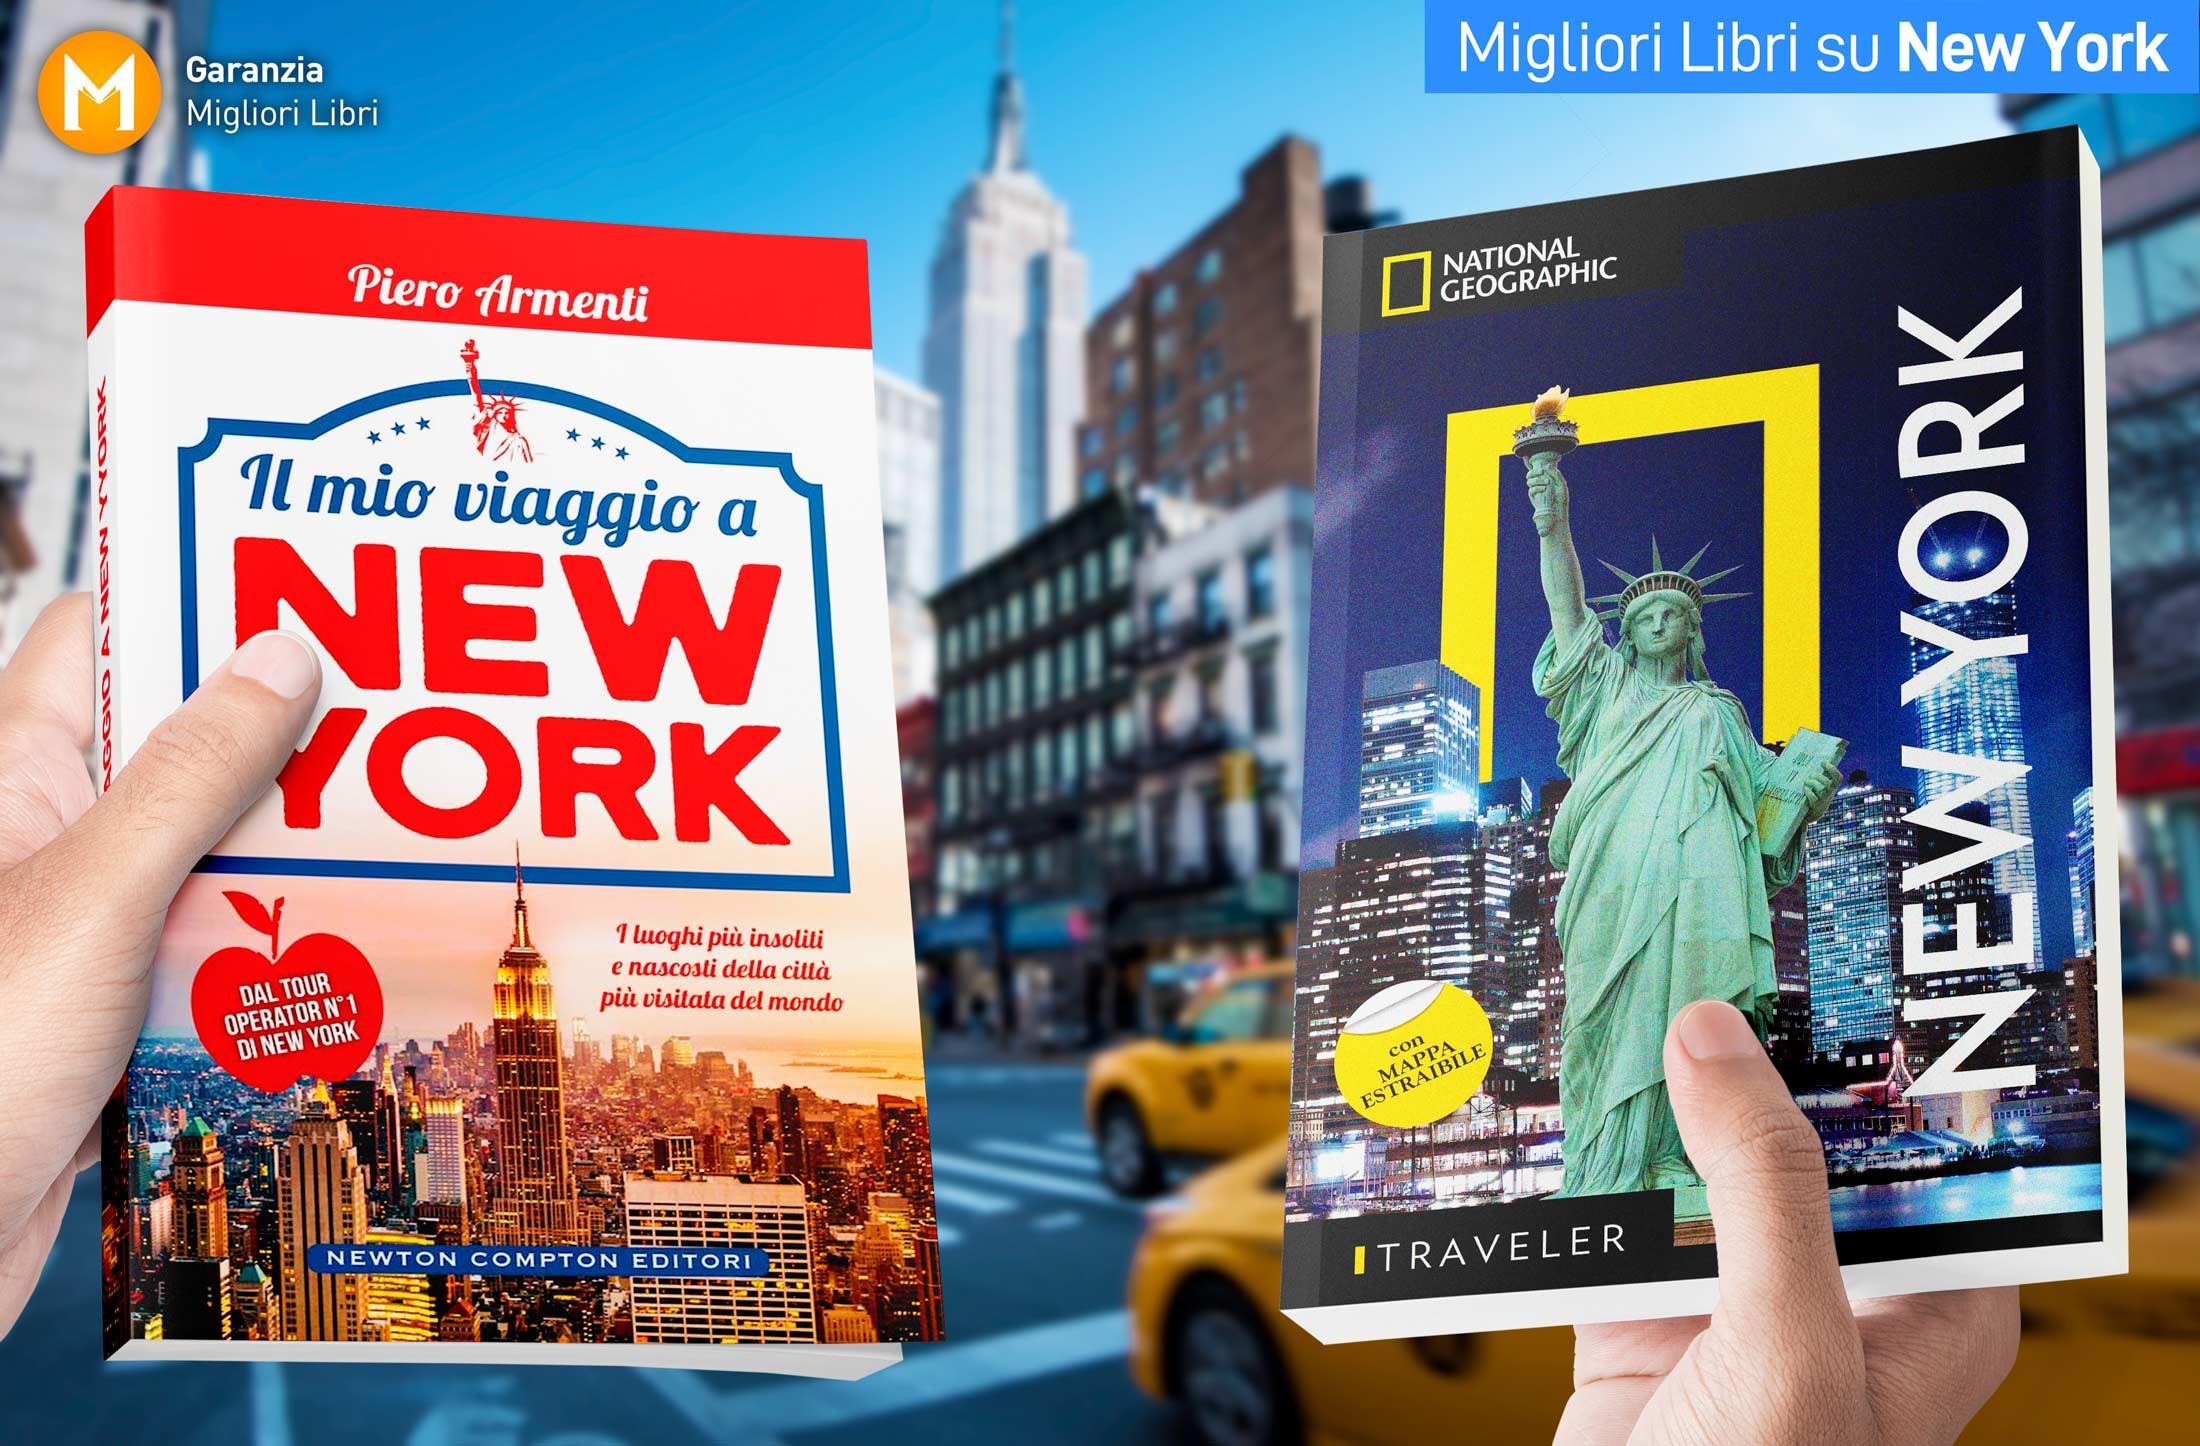 migliori-libri-su-new-york